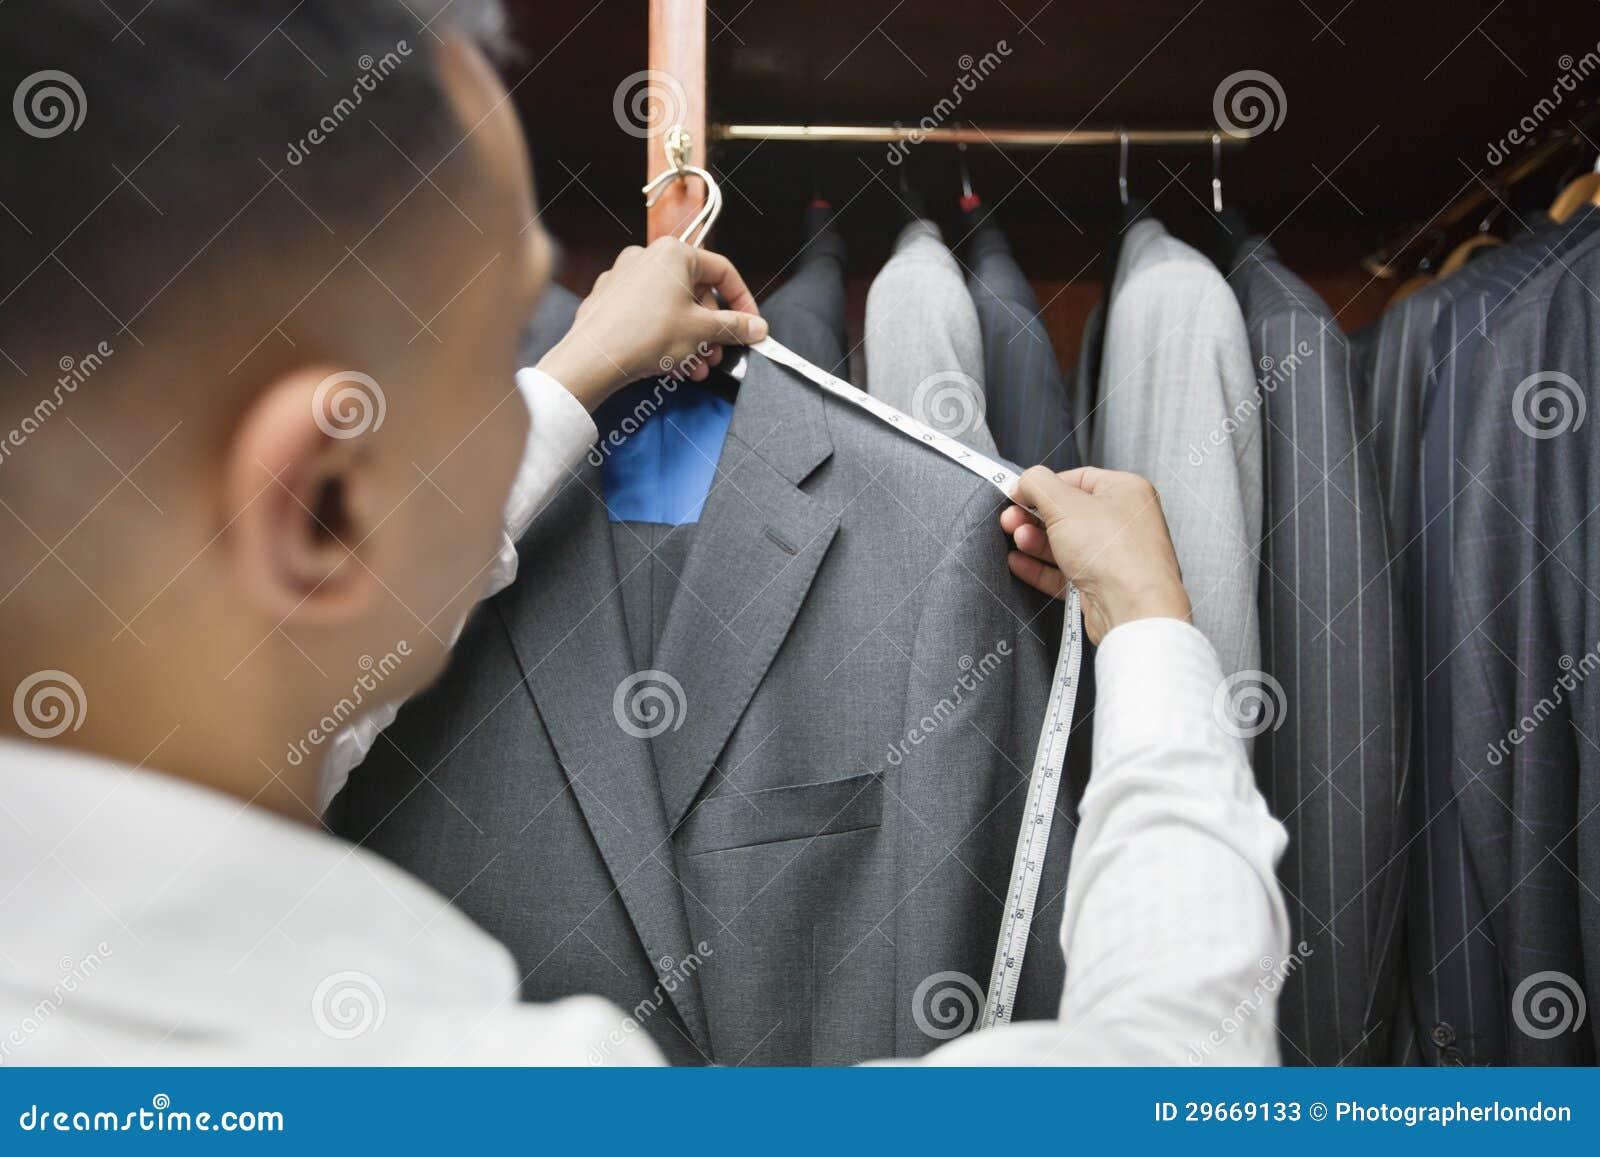 衣服的裁缝测量的肩膀